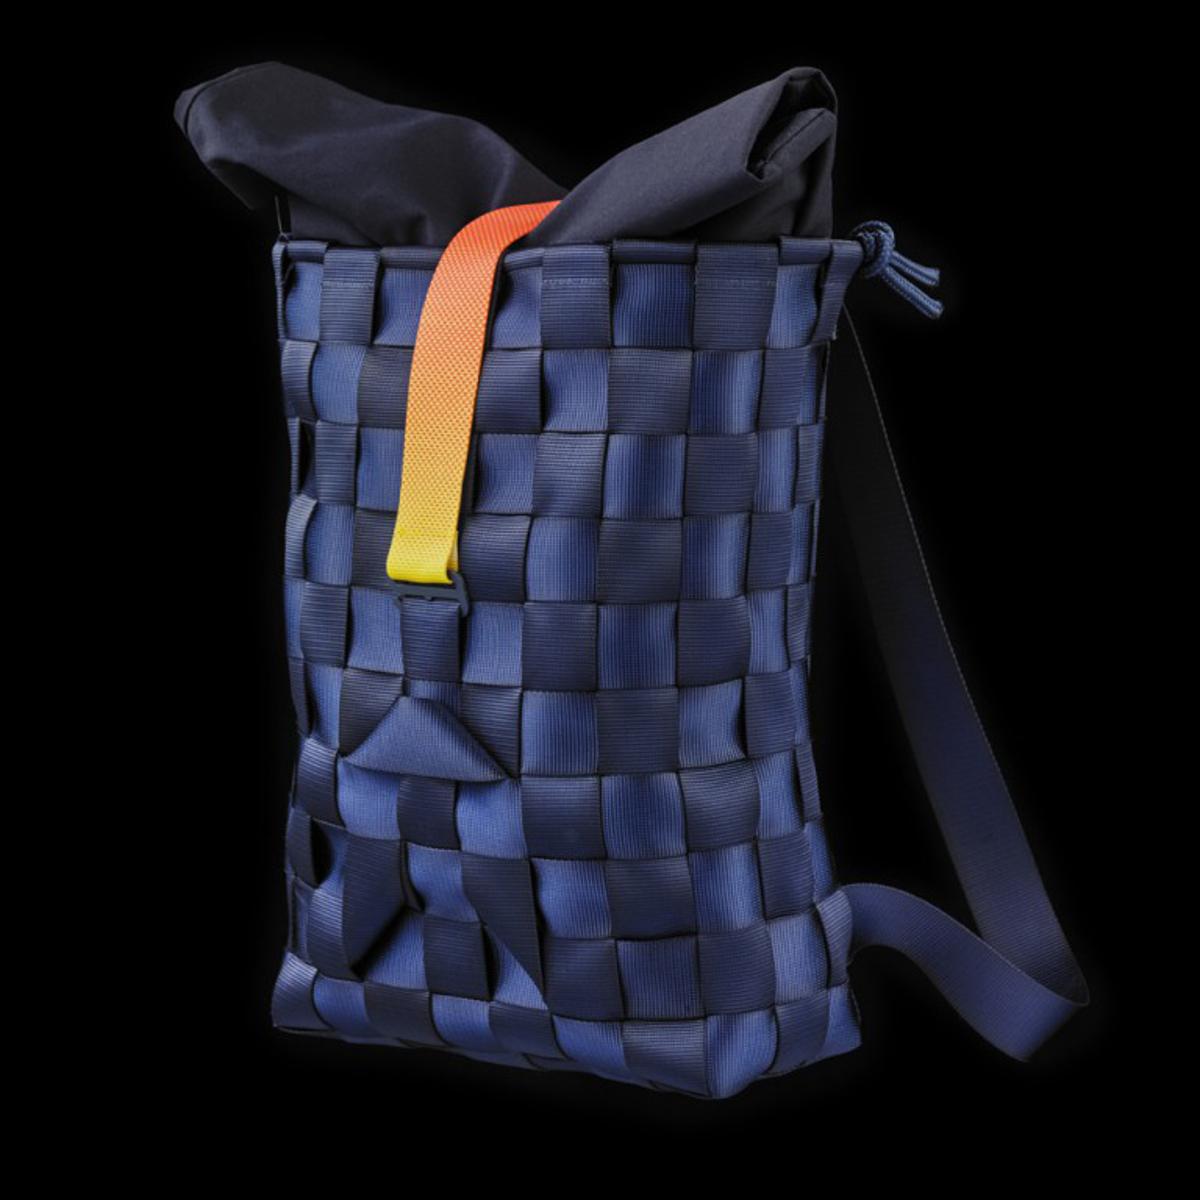 知恵を編んだ『背負いカゴバッグ』|《オプション/替ストラップ》アクセサリー感覚で付け替えできる「グラデーションストラップ」| PACK